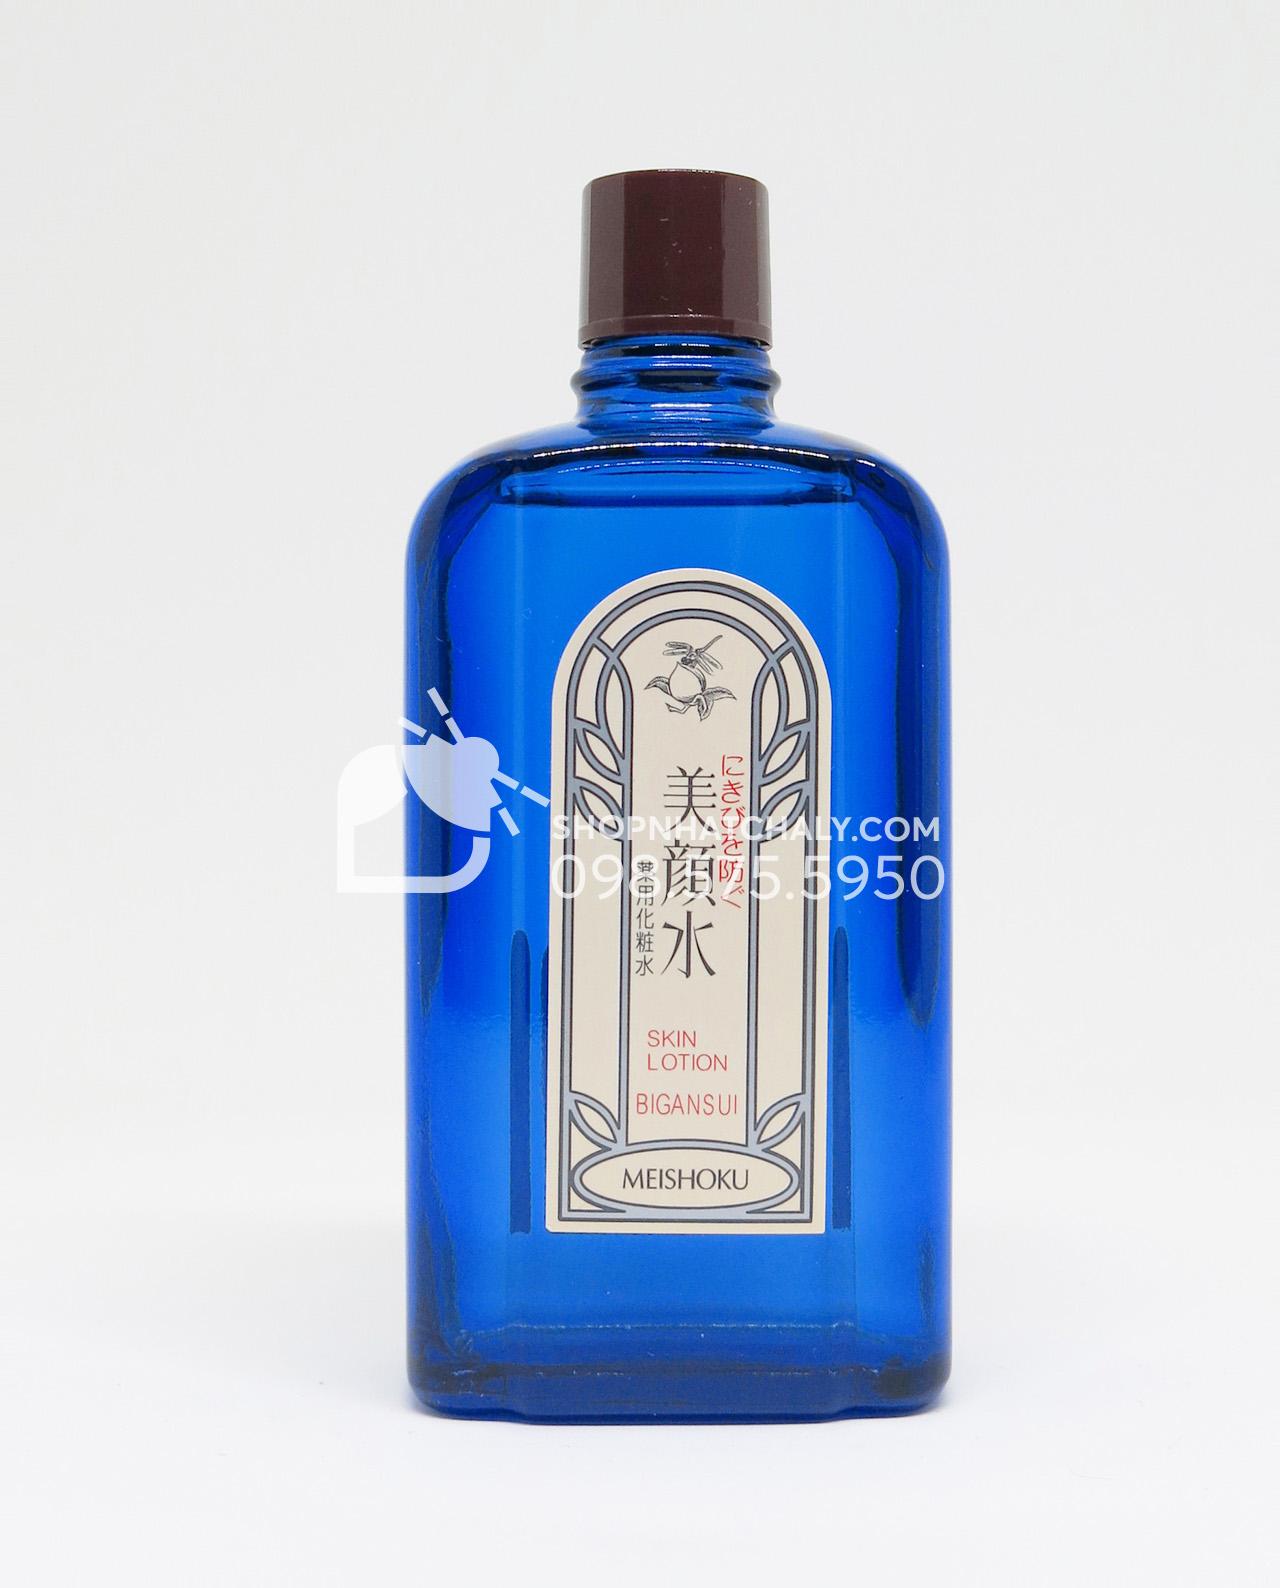 Nước hoa hồng trị mụn Bigansui Medicated Skin Lotion Meishoku 90ml dạng chai thủy tinh, hơi dễ vỡ nhưng vô cùng chắc chắn, kích thước nhỏ gọn, dễ dàng mang theo khi du lịch và skin care đều nè